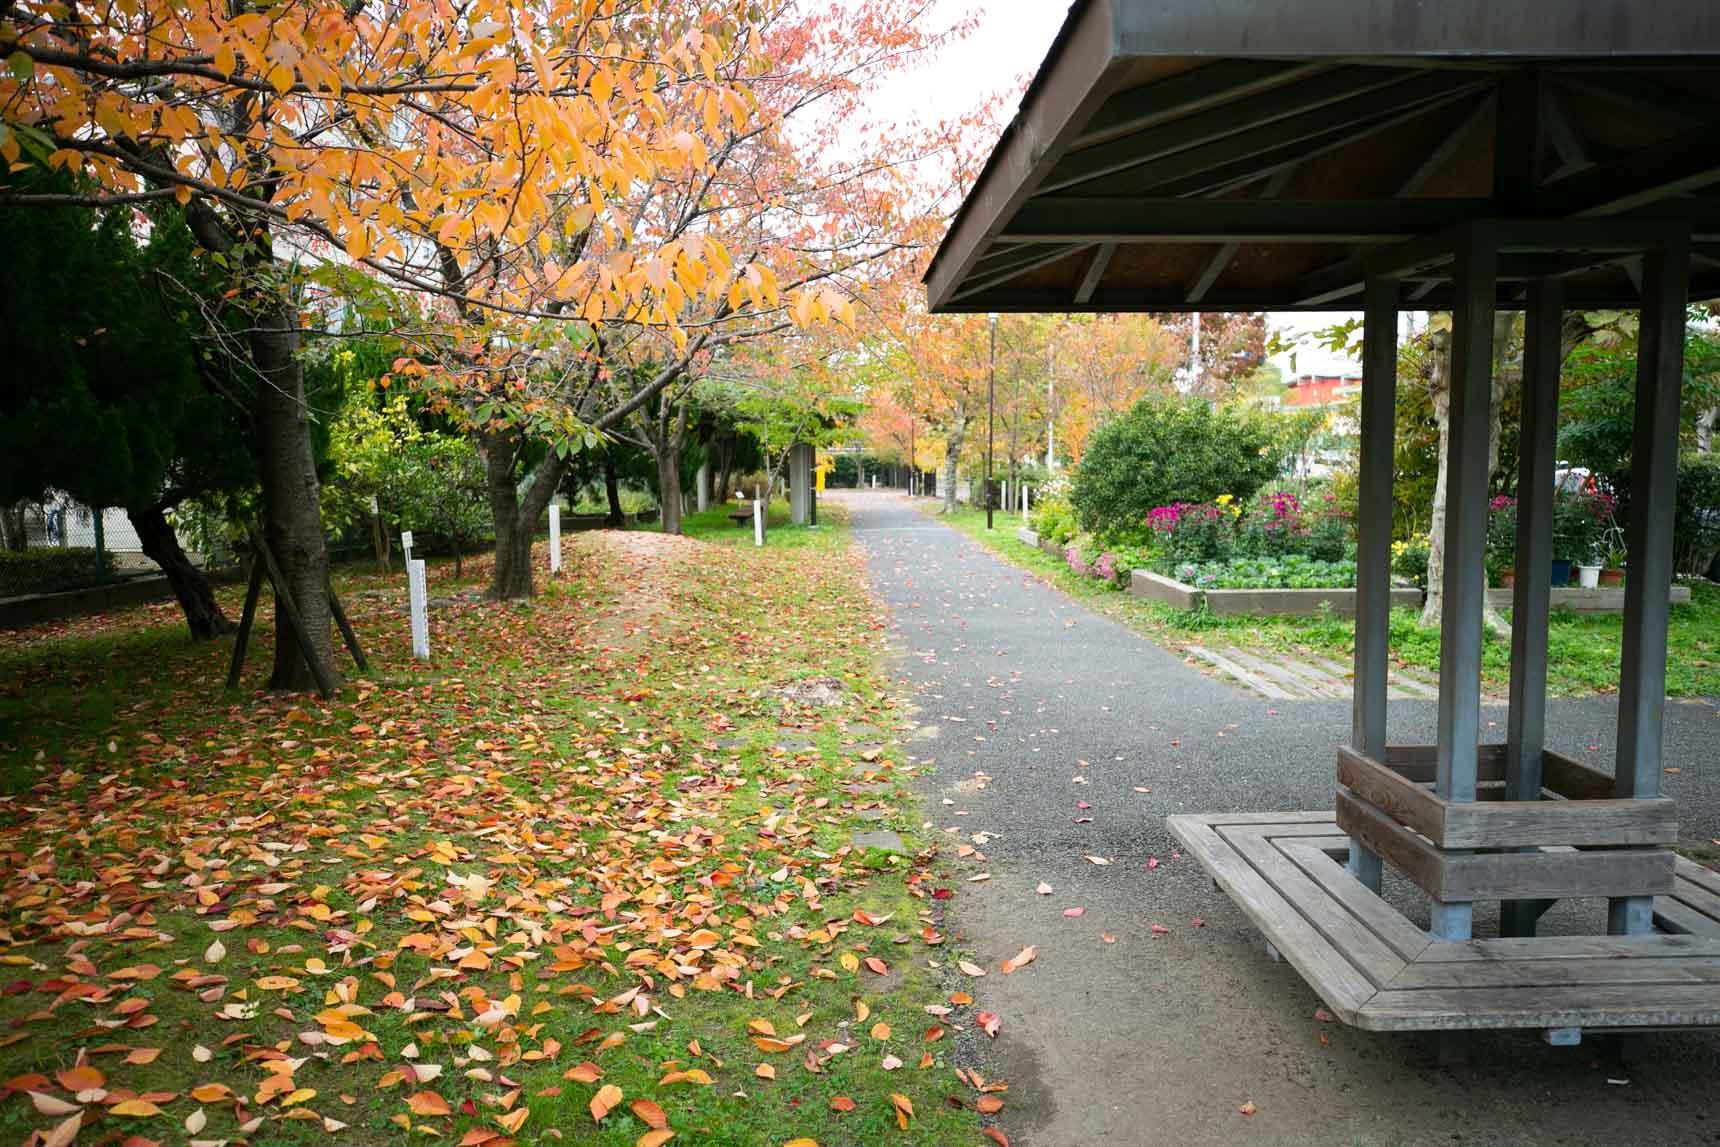 訪れたのは、ちょうど紅葉のシーズン。樹々が色づいてとても綺麗でした。